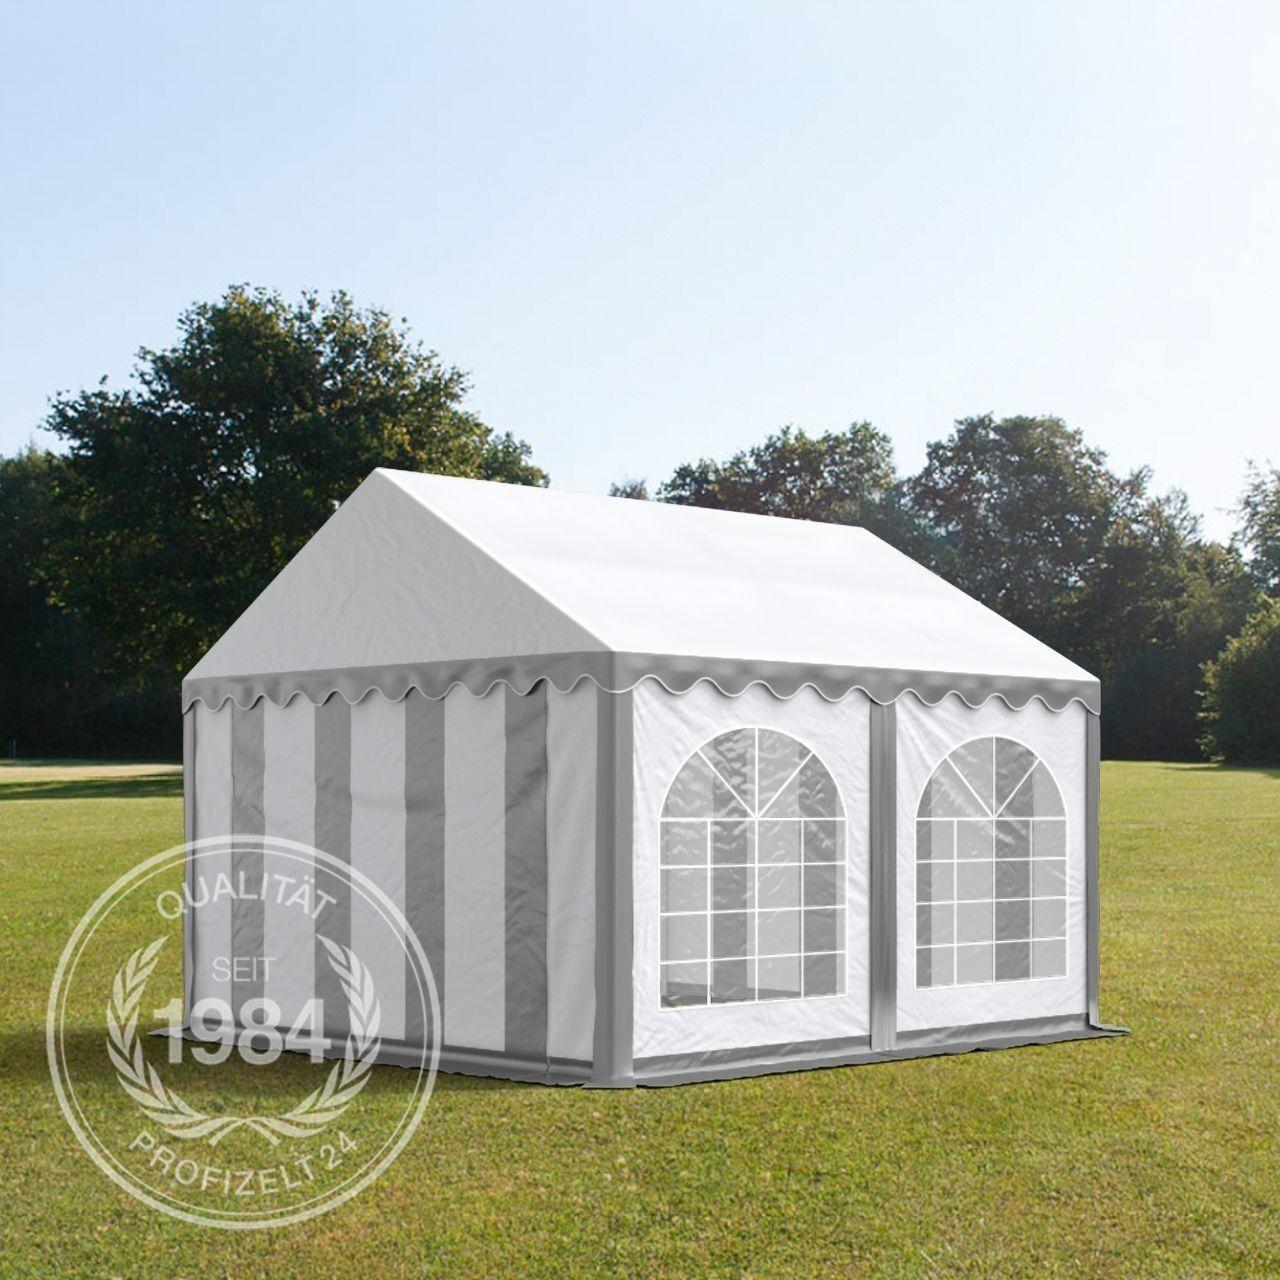 Partyzelt 4x4m Festzelt Gartenzelt Pavillon Pavillon Pavillon Bierzelt wasserdicht PVC grau-weiß | Passend In Der Farbe  | Haltbar  | Verkauf Online-Shop  bea618